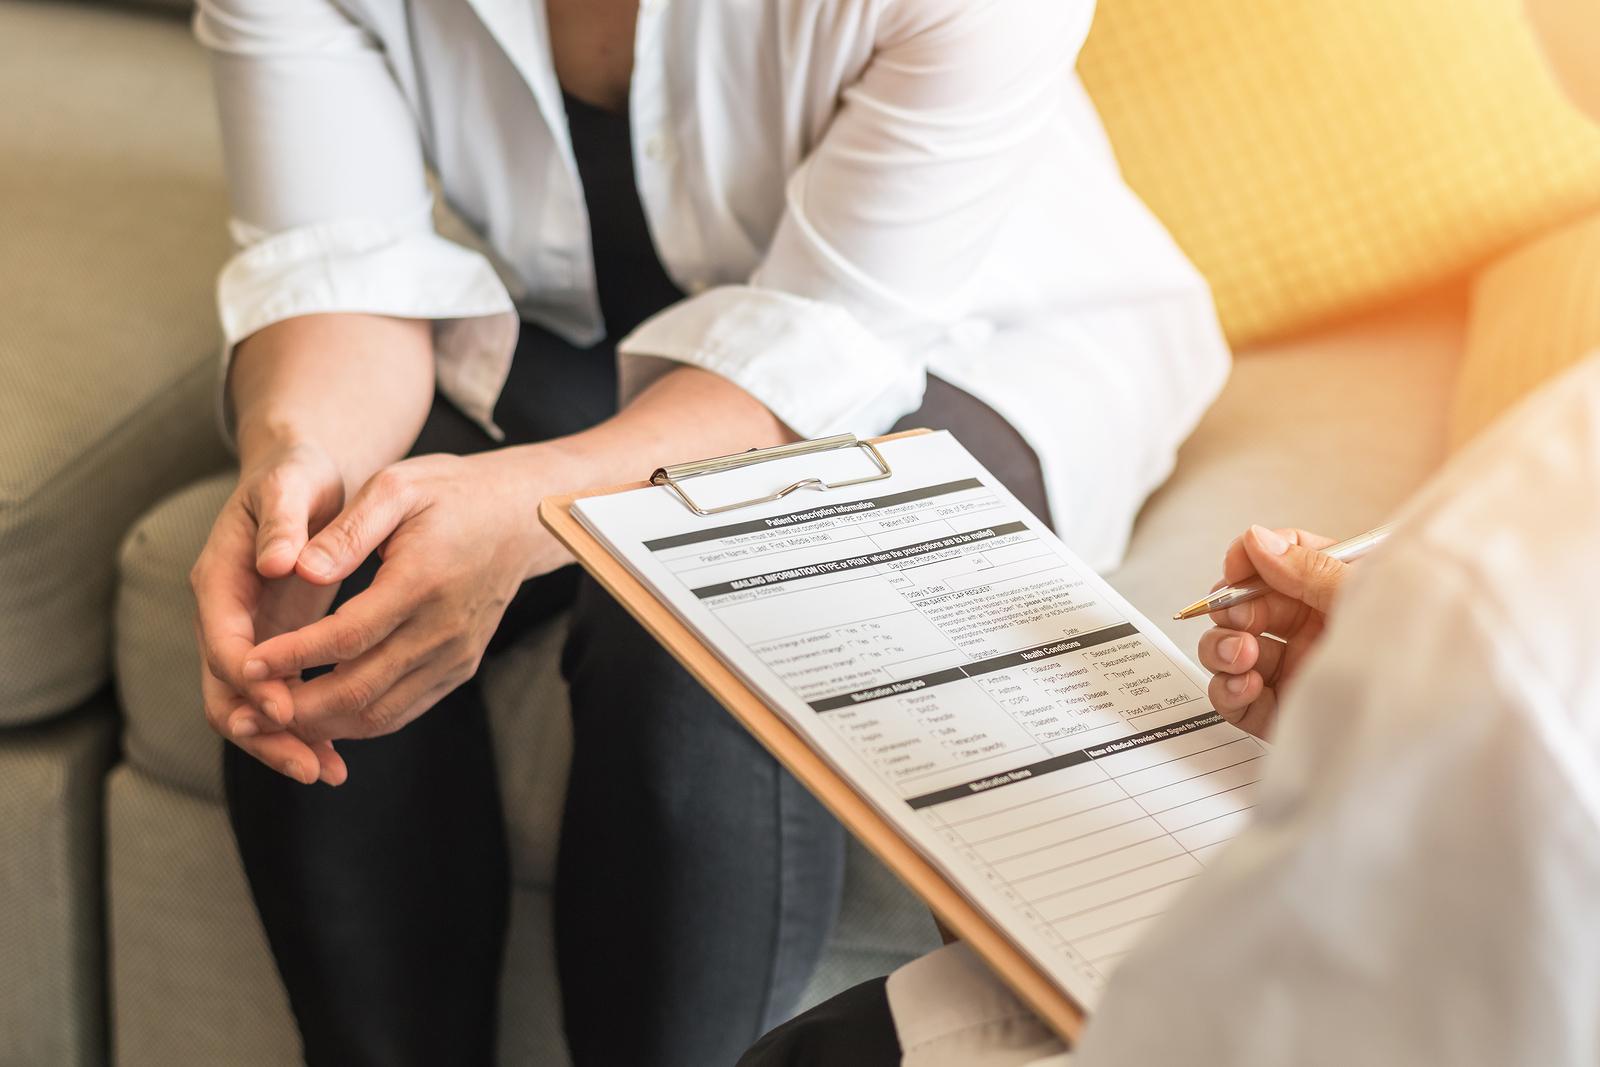 Berufsunfähigkeitszusatzversicherung - Abtretung des Anspruchs und Depression